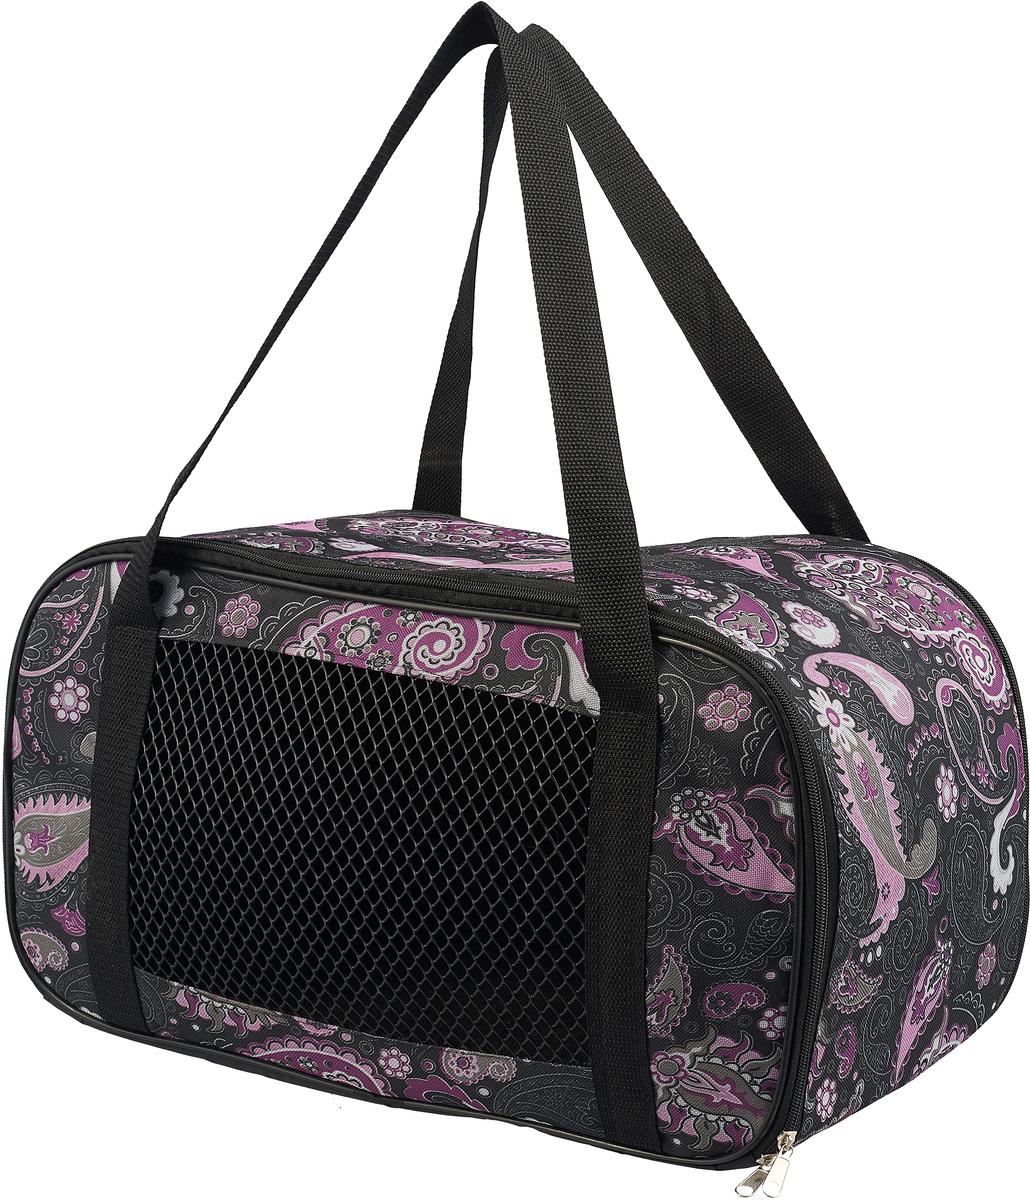 Сумка-переноска для животных Теремок, цвет: фиолетовый, черный, розовый, 47 х 24 х 22 см подушка для животных happy house canvas цвет черный 107 х 70 х 10 см